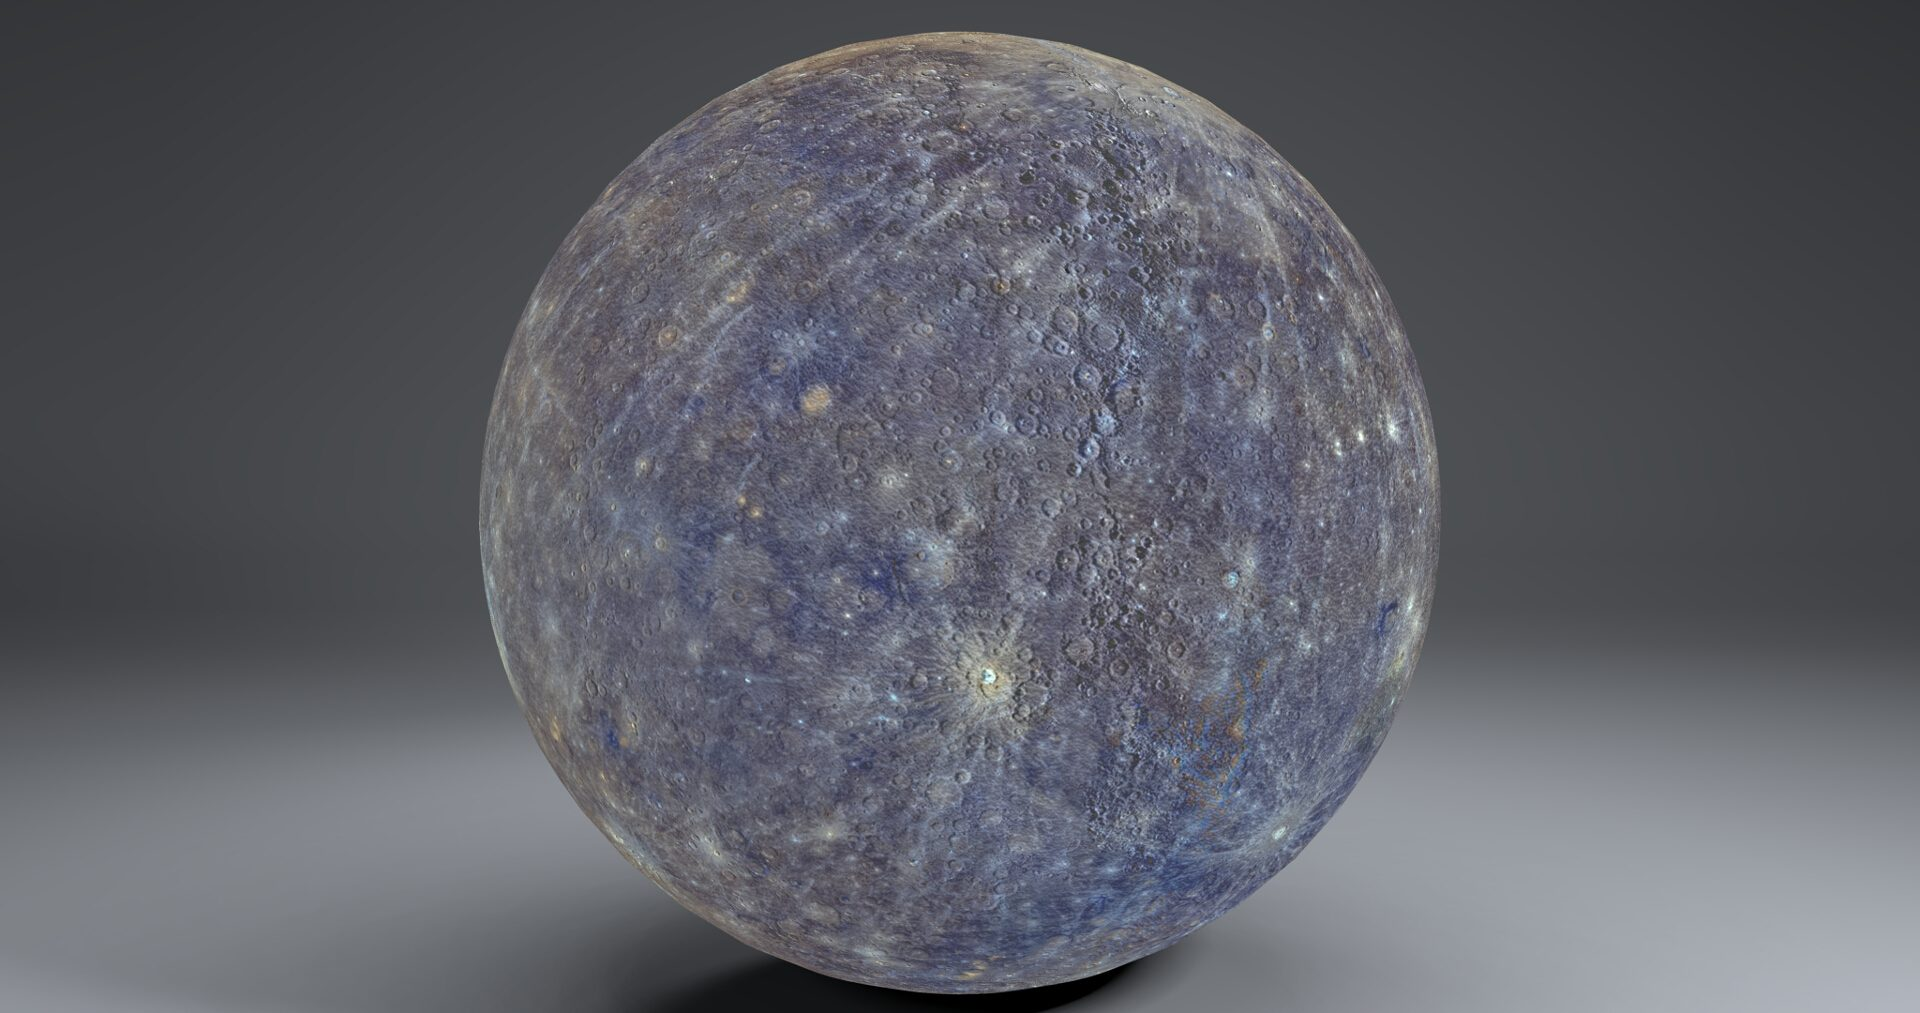 mercury 4k globe 3d model 3ds fbx blend dae obj 252194